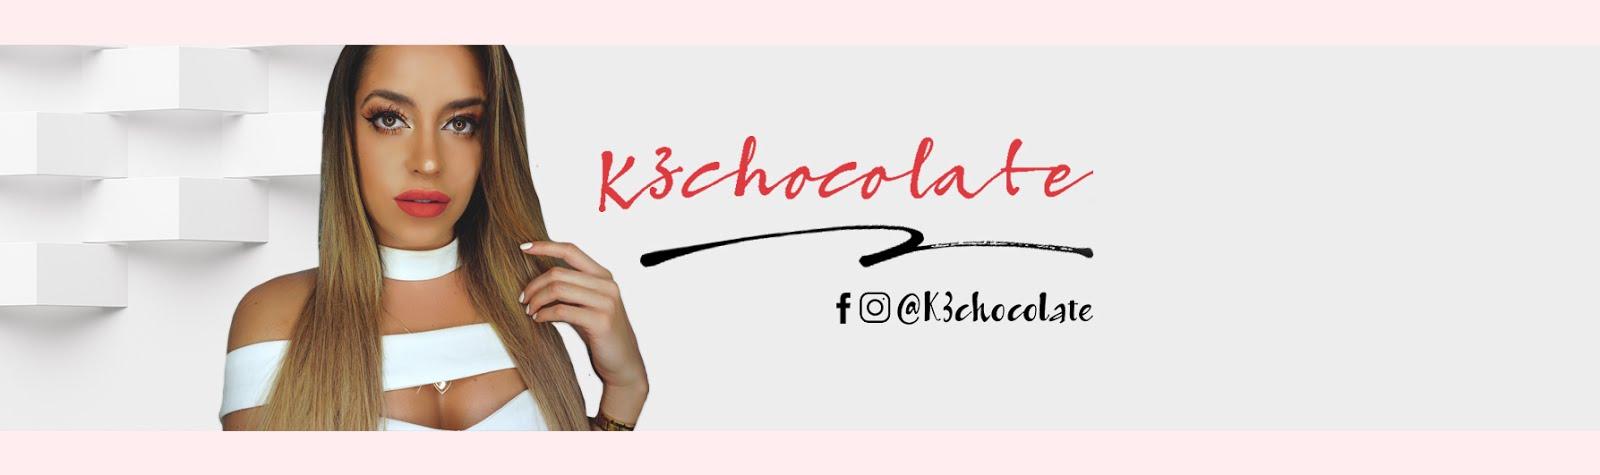 e422b34447 K3chocolate  TRY ON LINGERIE HAUL